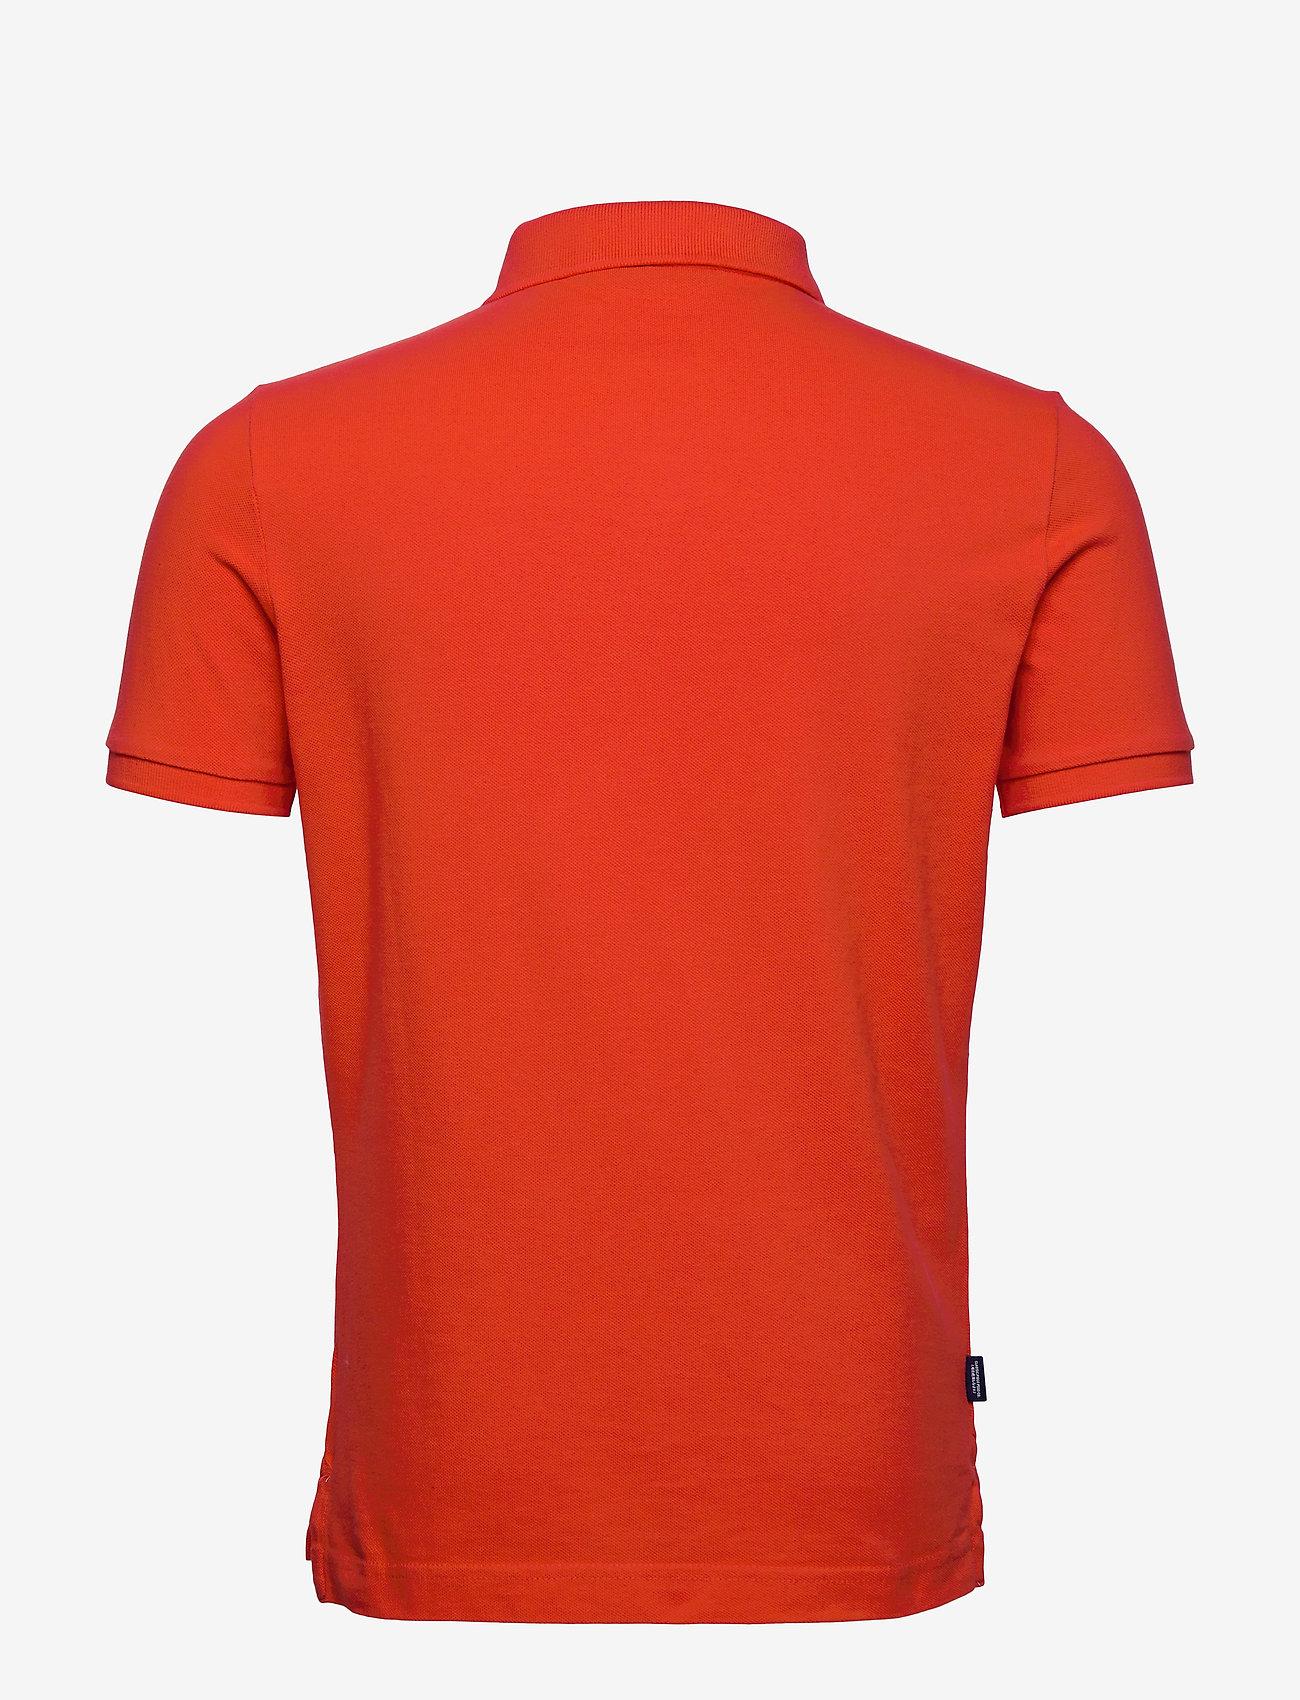 Superdry CLASSIC PIQUE S/S POLO - Poloskjorter APPLE RED - Menn Klær